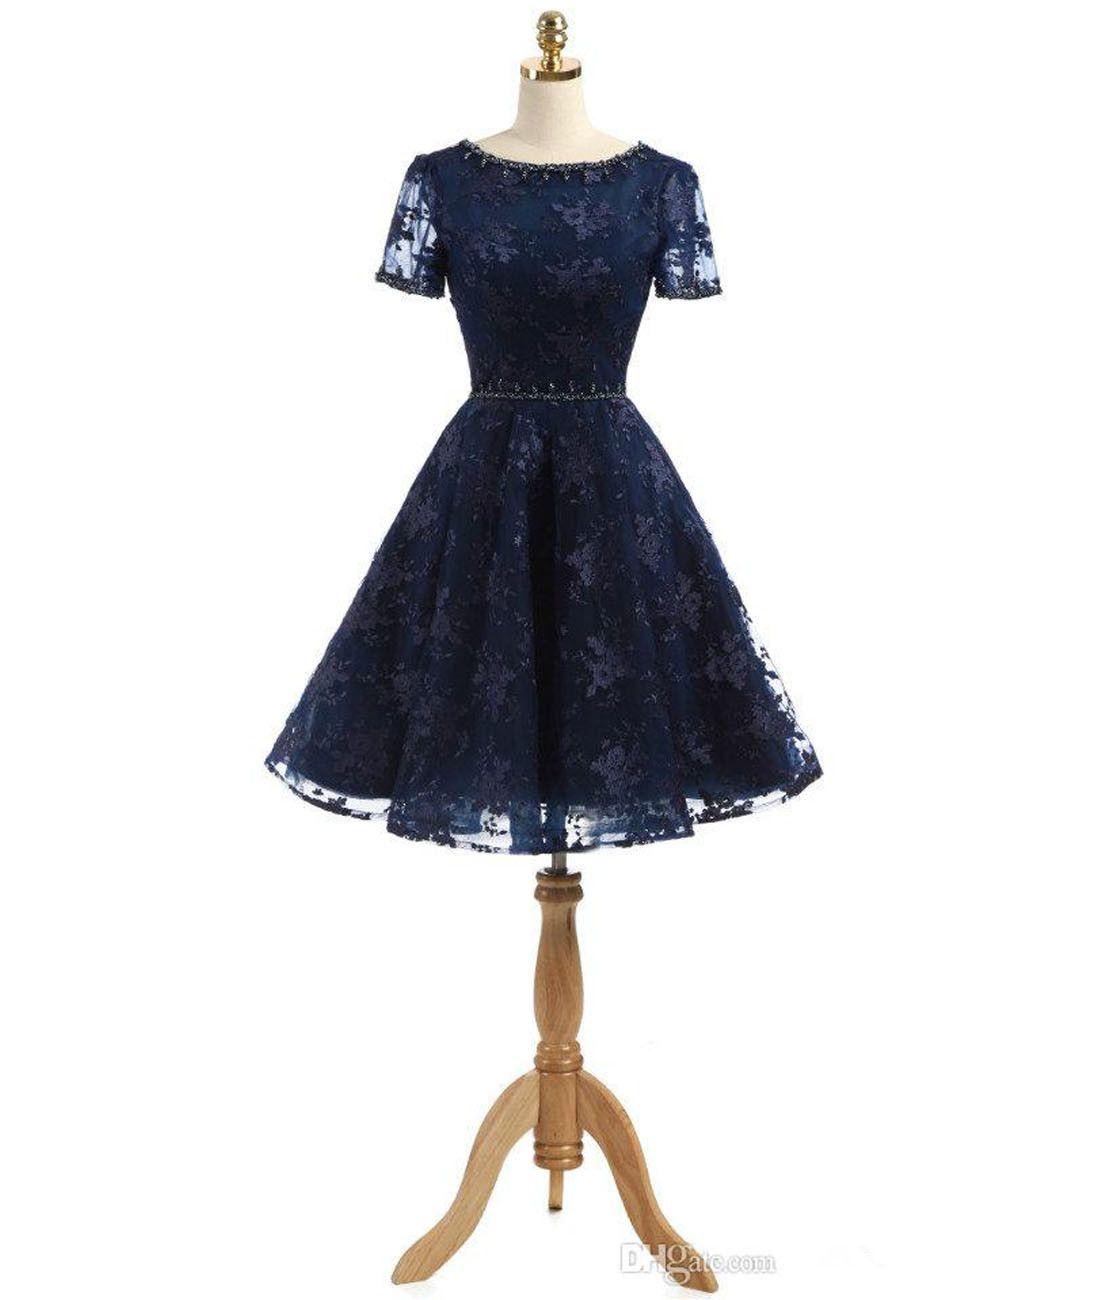 41fd28fea Compre Real Azul Marino 2019 Vestidos Cortos Baile Con Cuello En Cuello  Manga Corta Una Línea De Encaje Vestido Formal De Fiesta Con Cordones  Volver ...